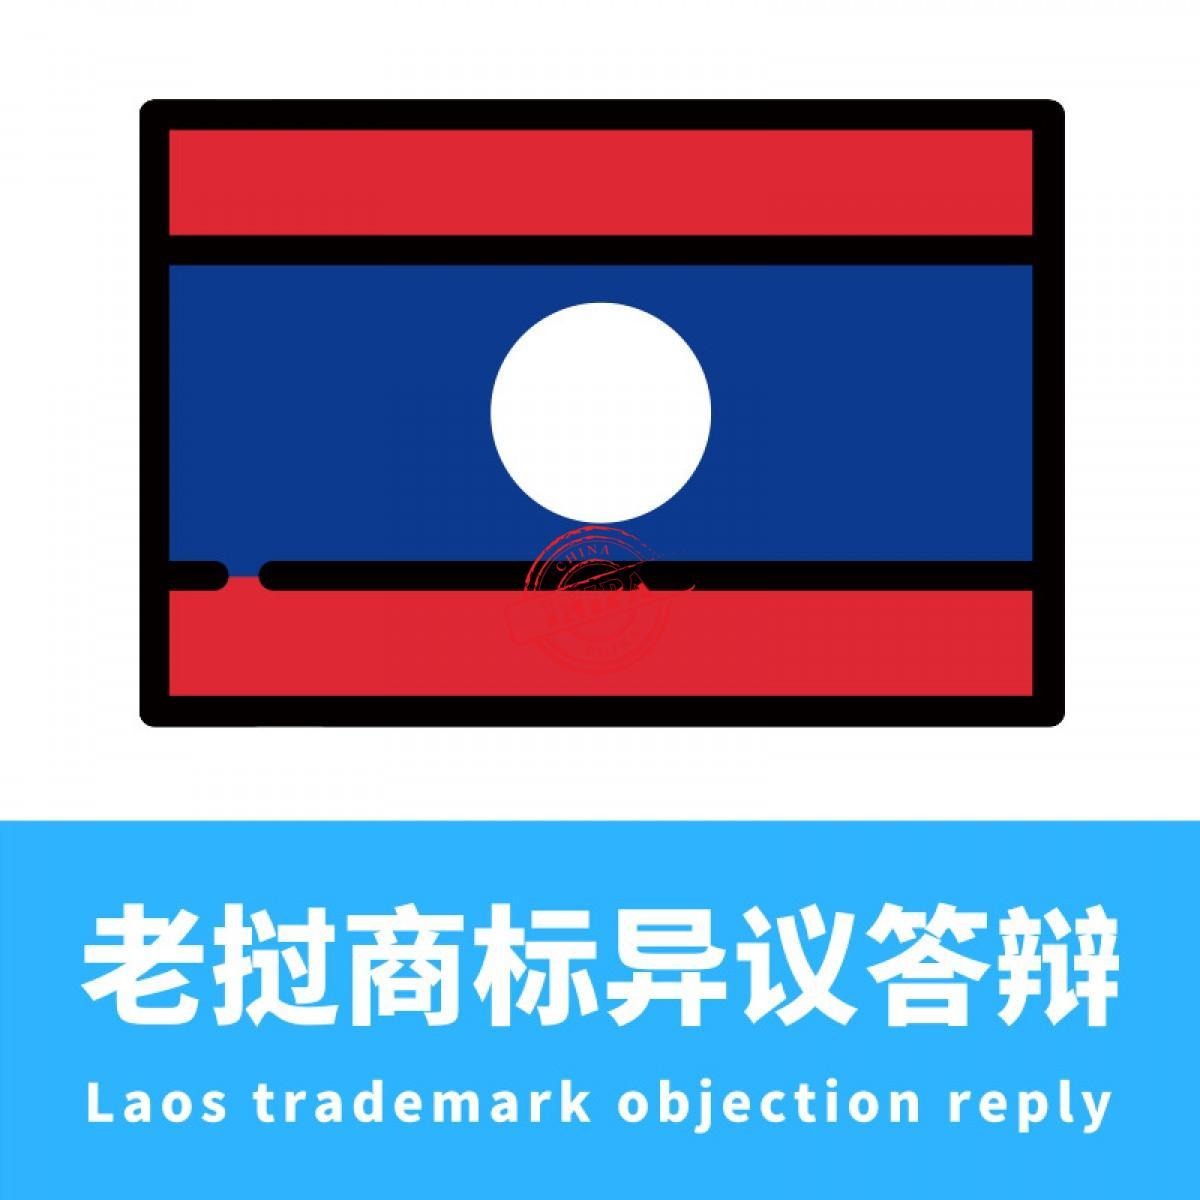 老挝商标异议答辩/Laos trademark objection reply